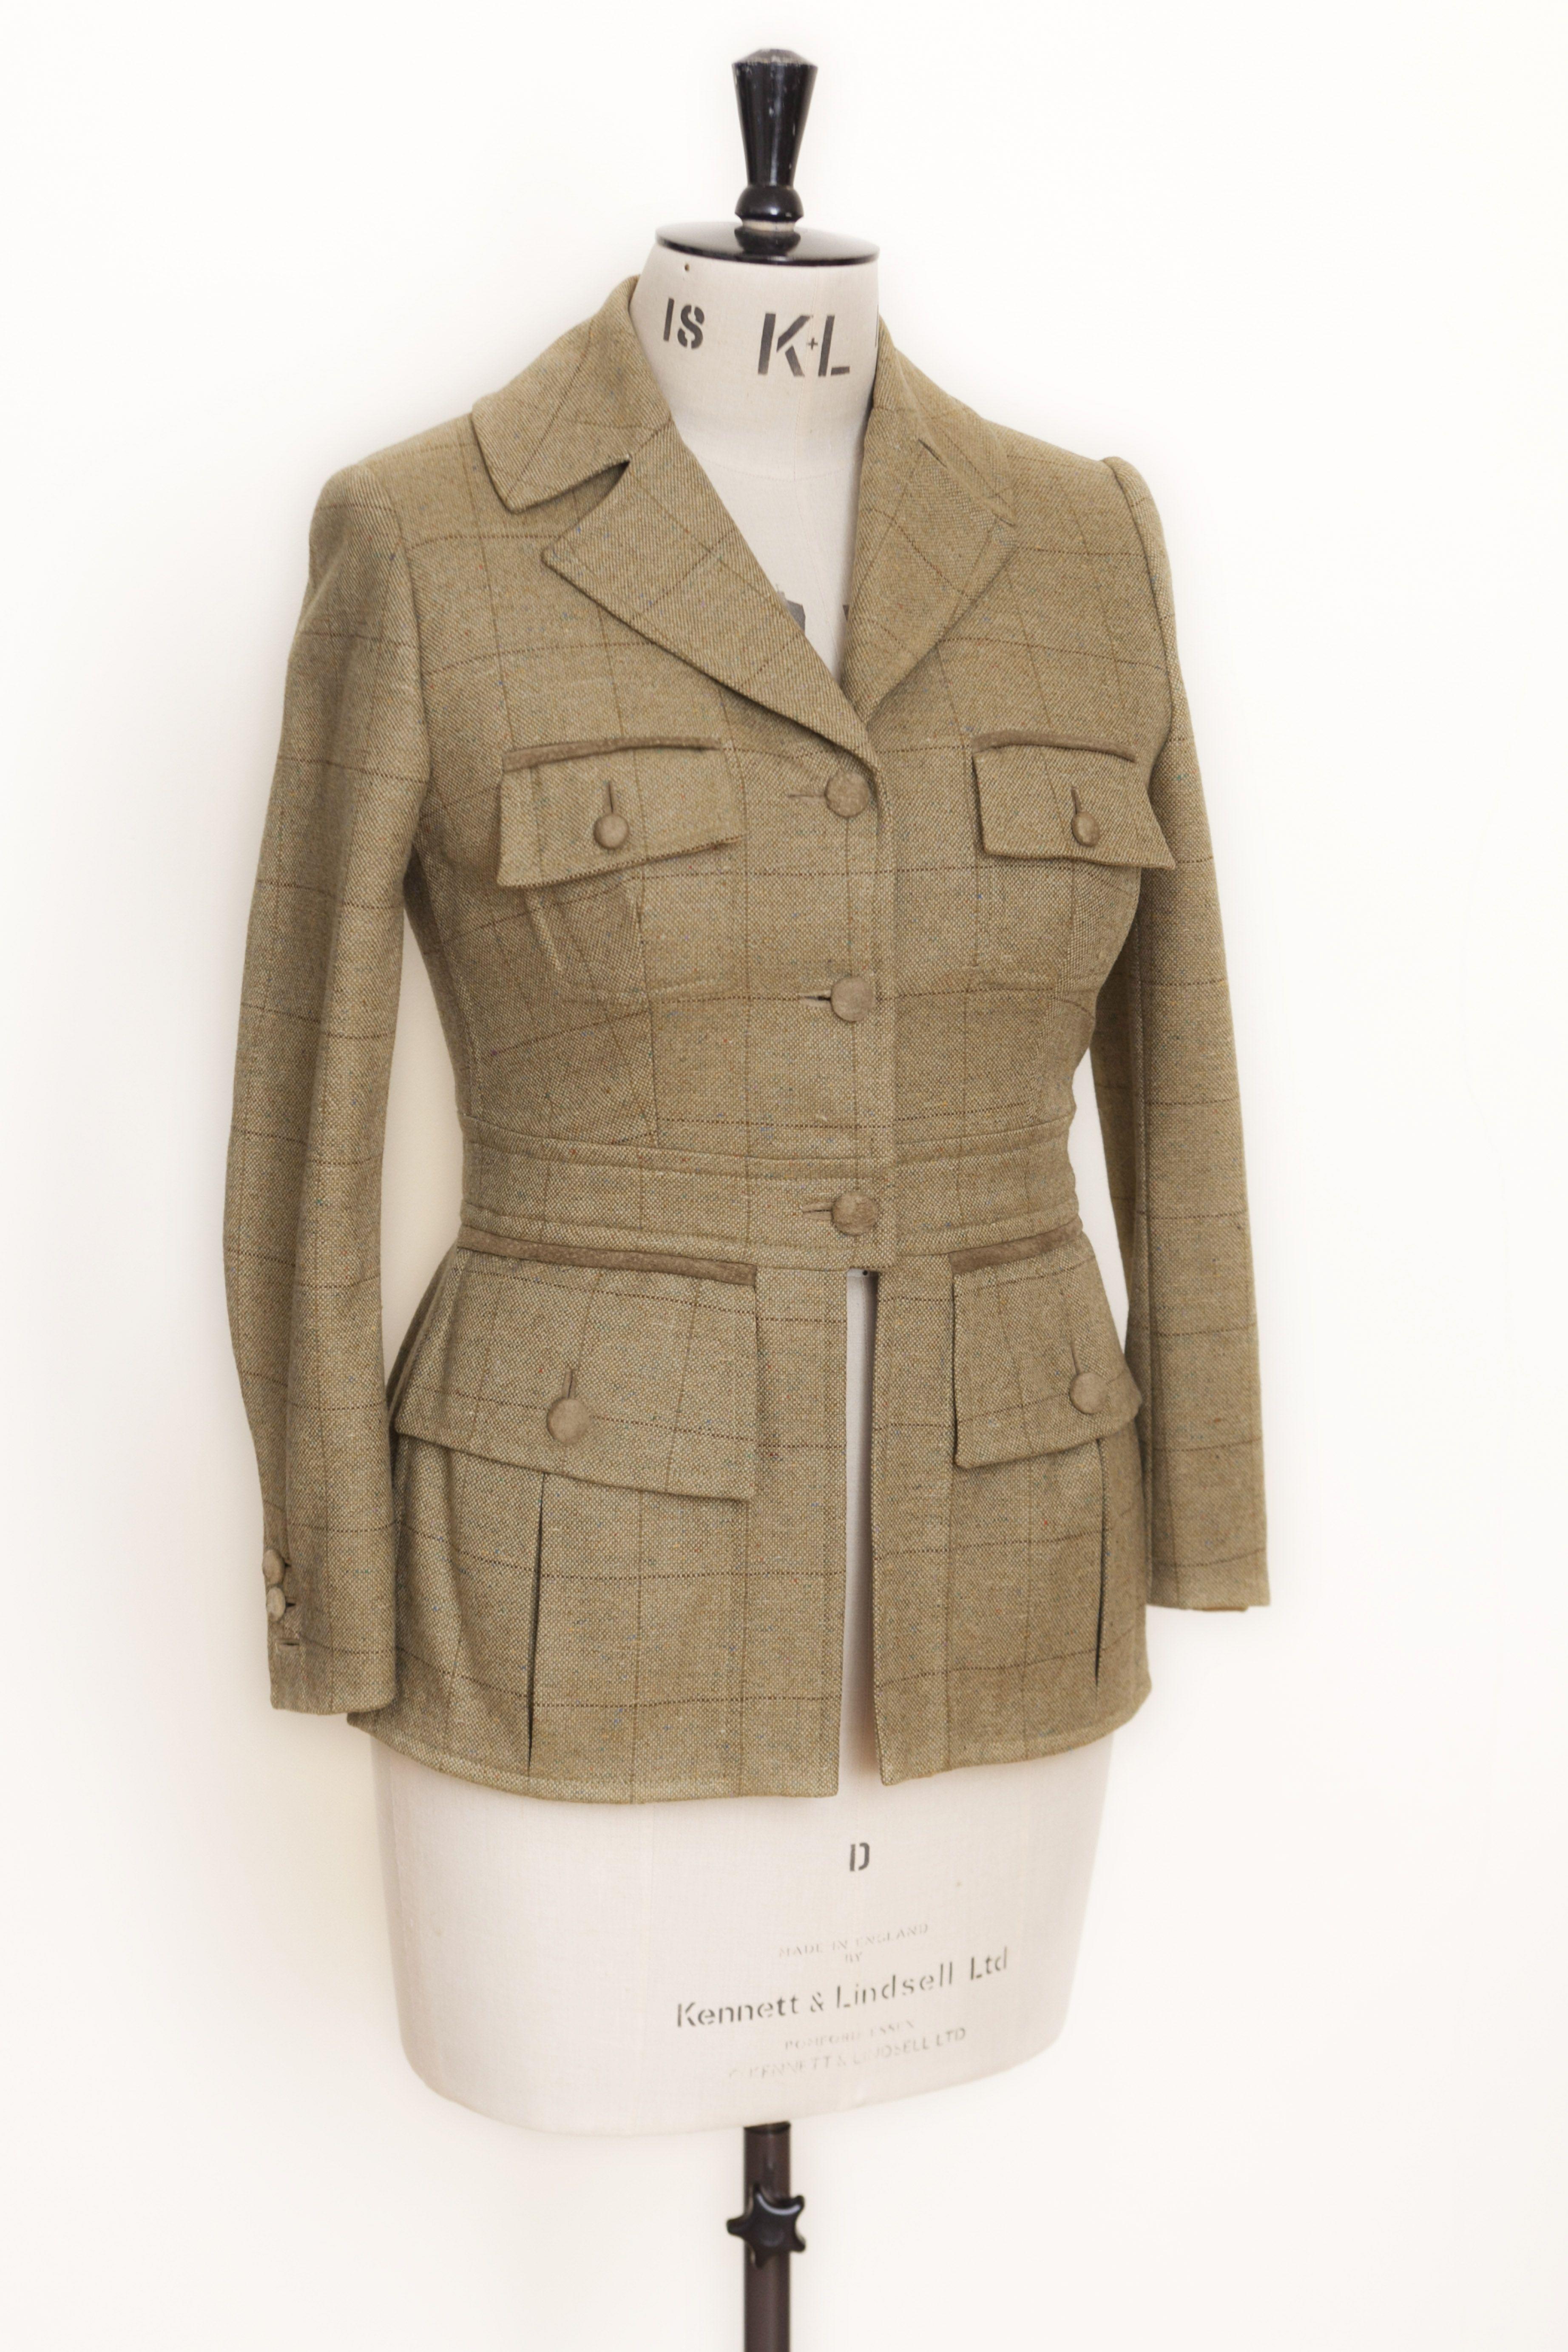 norfolk jacket images clothing